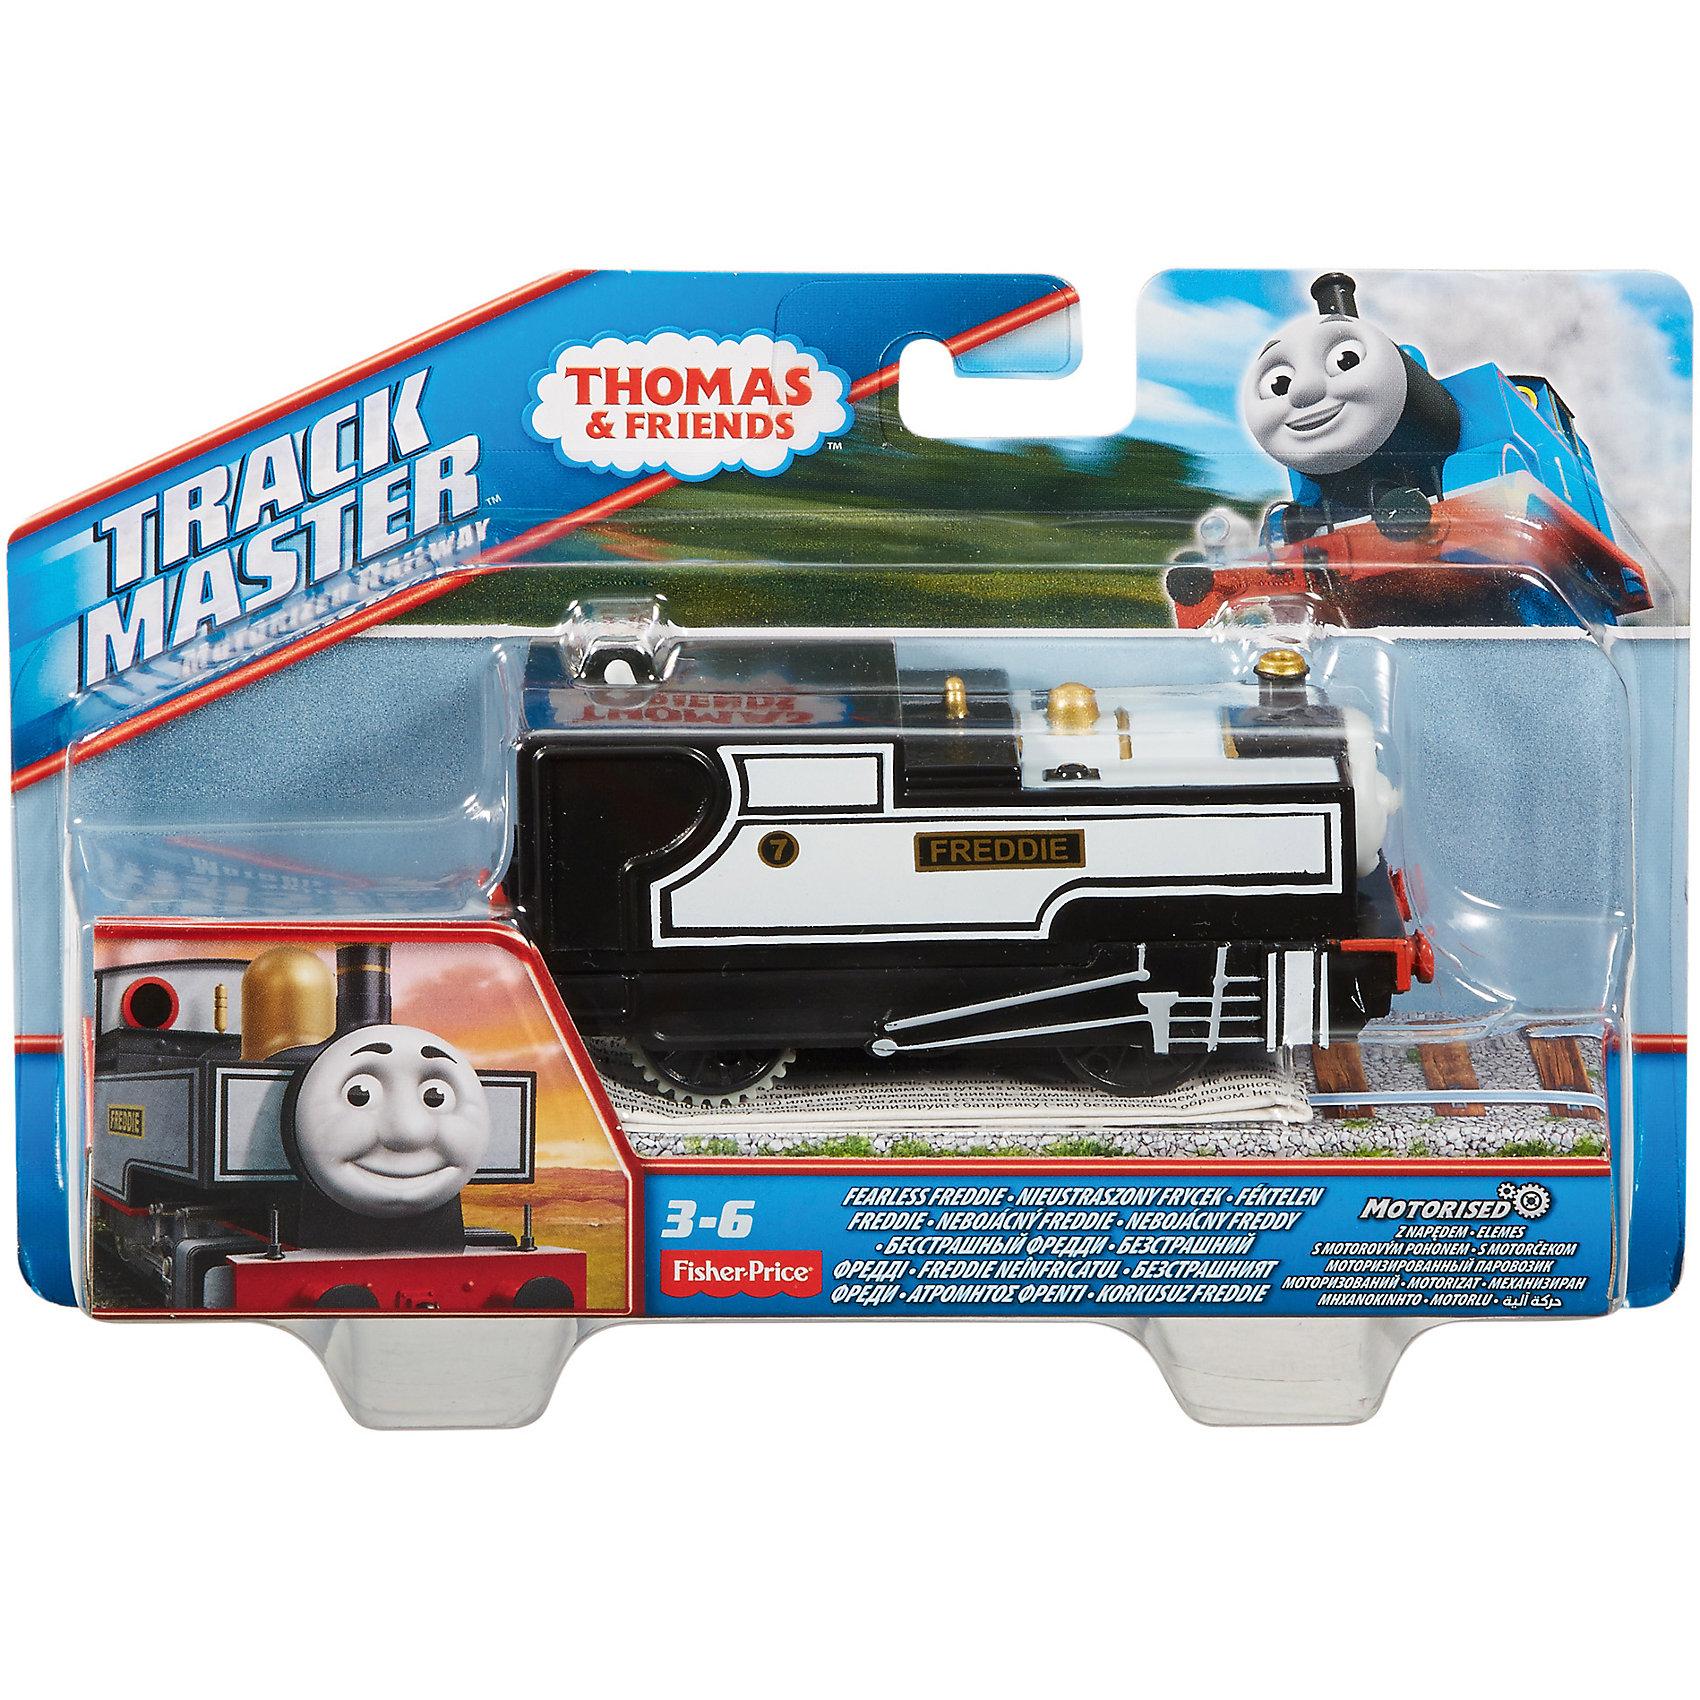 Моторизированный паровозик, Томас и его друзья от myToys